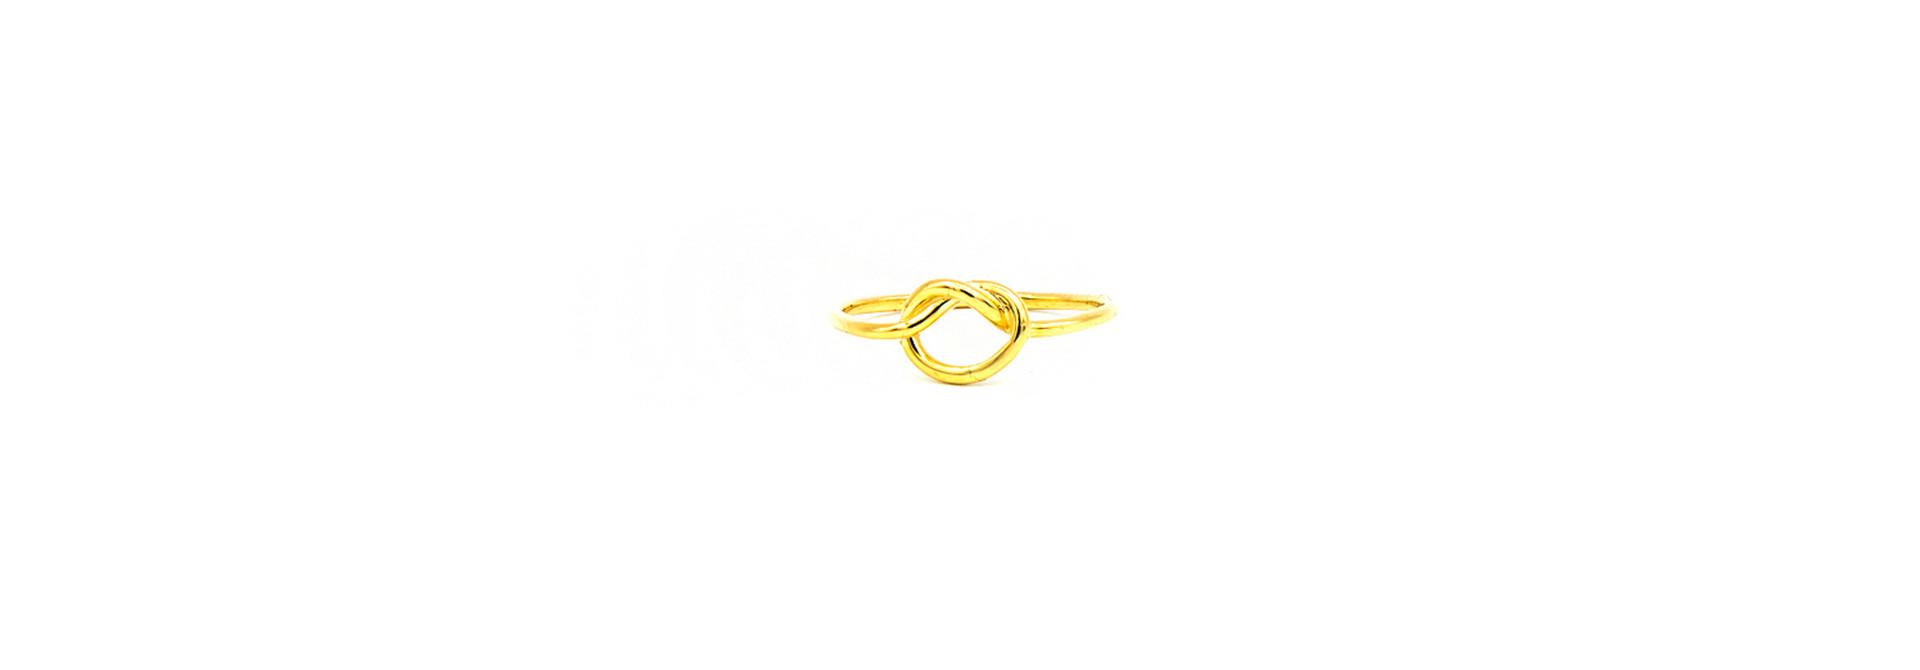 Ring knoop